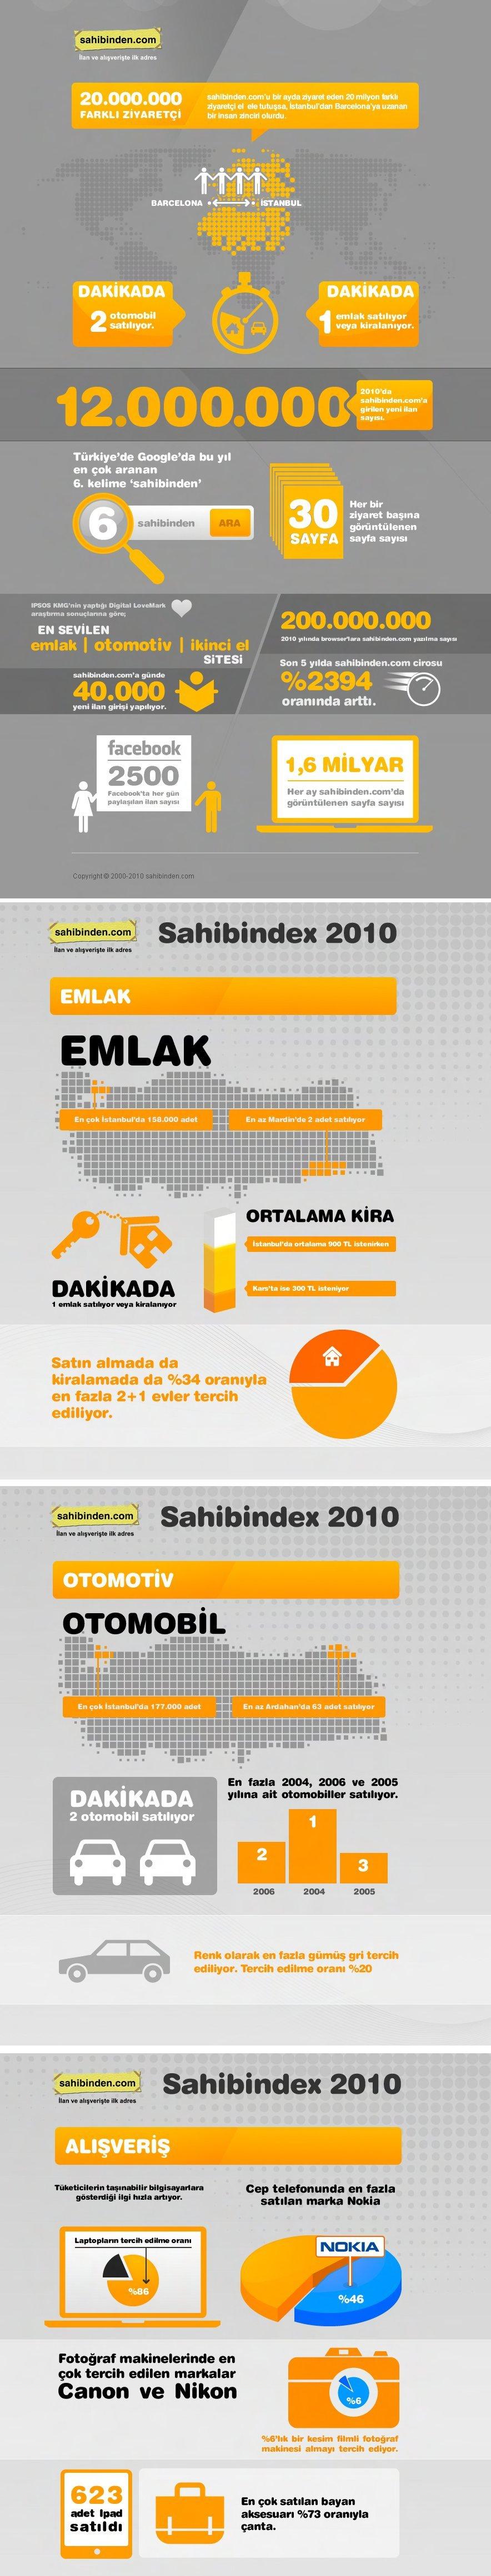 Sahibinden Infografik